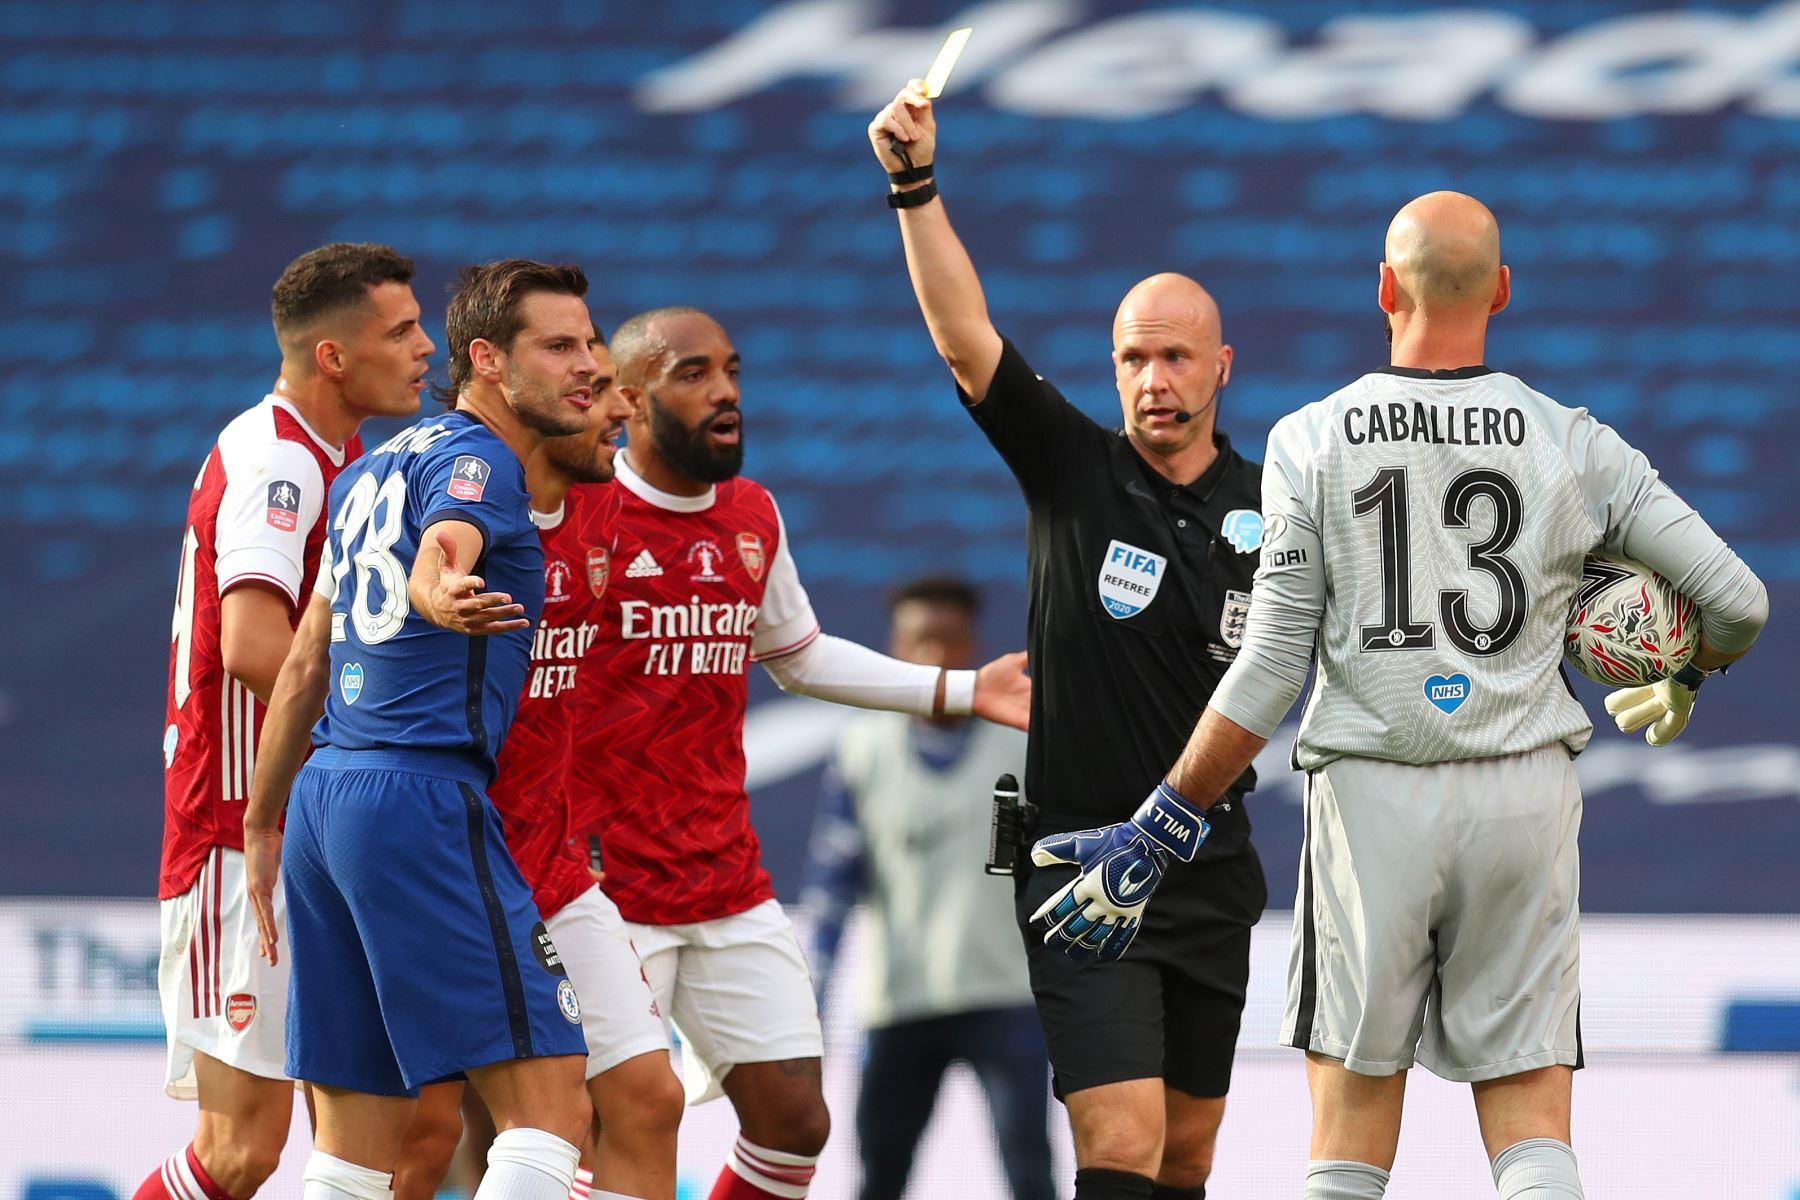 El árbitro muestra una tarjeta amarilla al defensor español del Chelsea, César Azpilicueta, tras falta sobre el delantero del Arsenal, Pierre-Emerick Aubameyang,  durante el partido de fútbol final de la Copa FA inglesa entre el Arsenal y el Chelsea en el estadio Wembley, en Londres. Foto: AFP